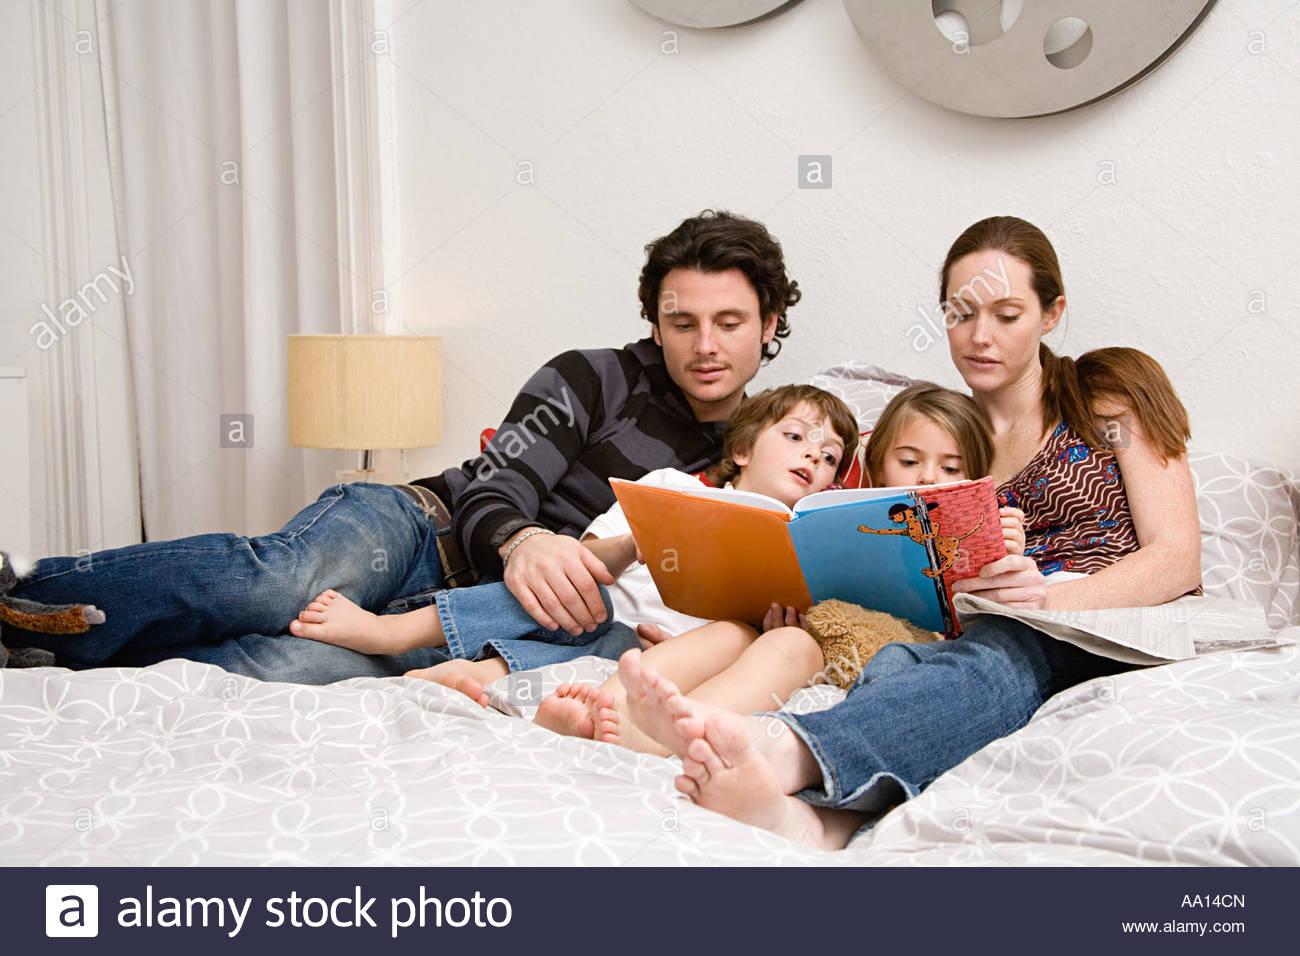 Lire une histoire de famille Photo Stock